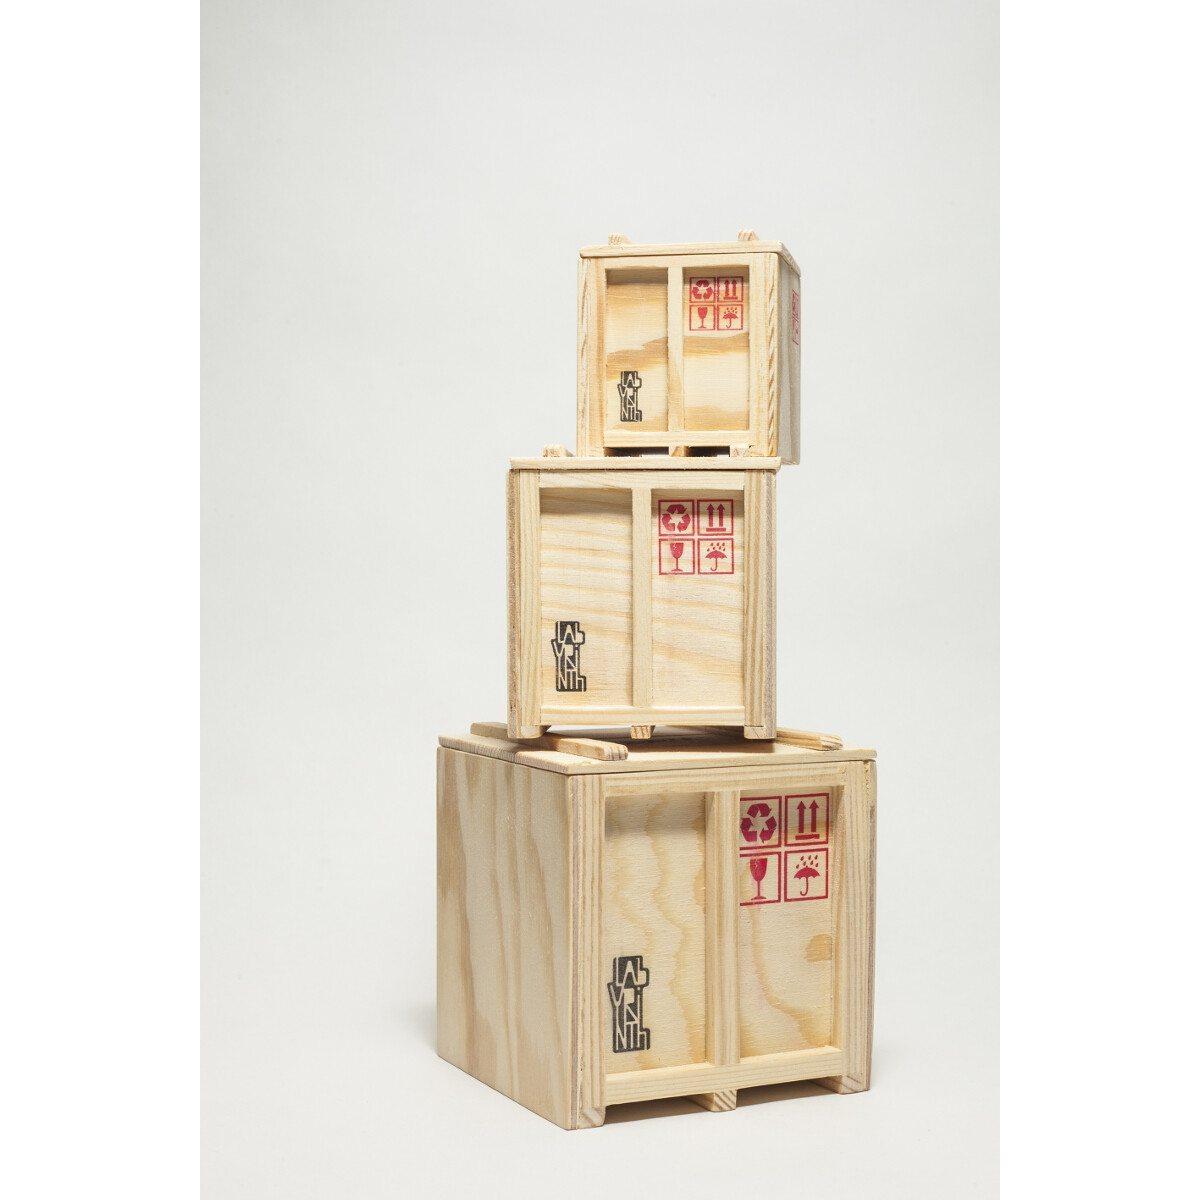 Kargobokse til organisering